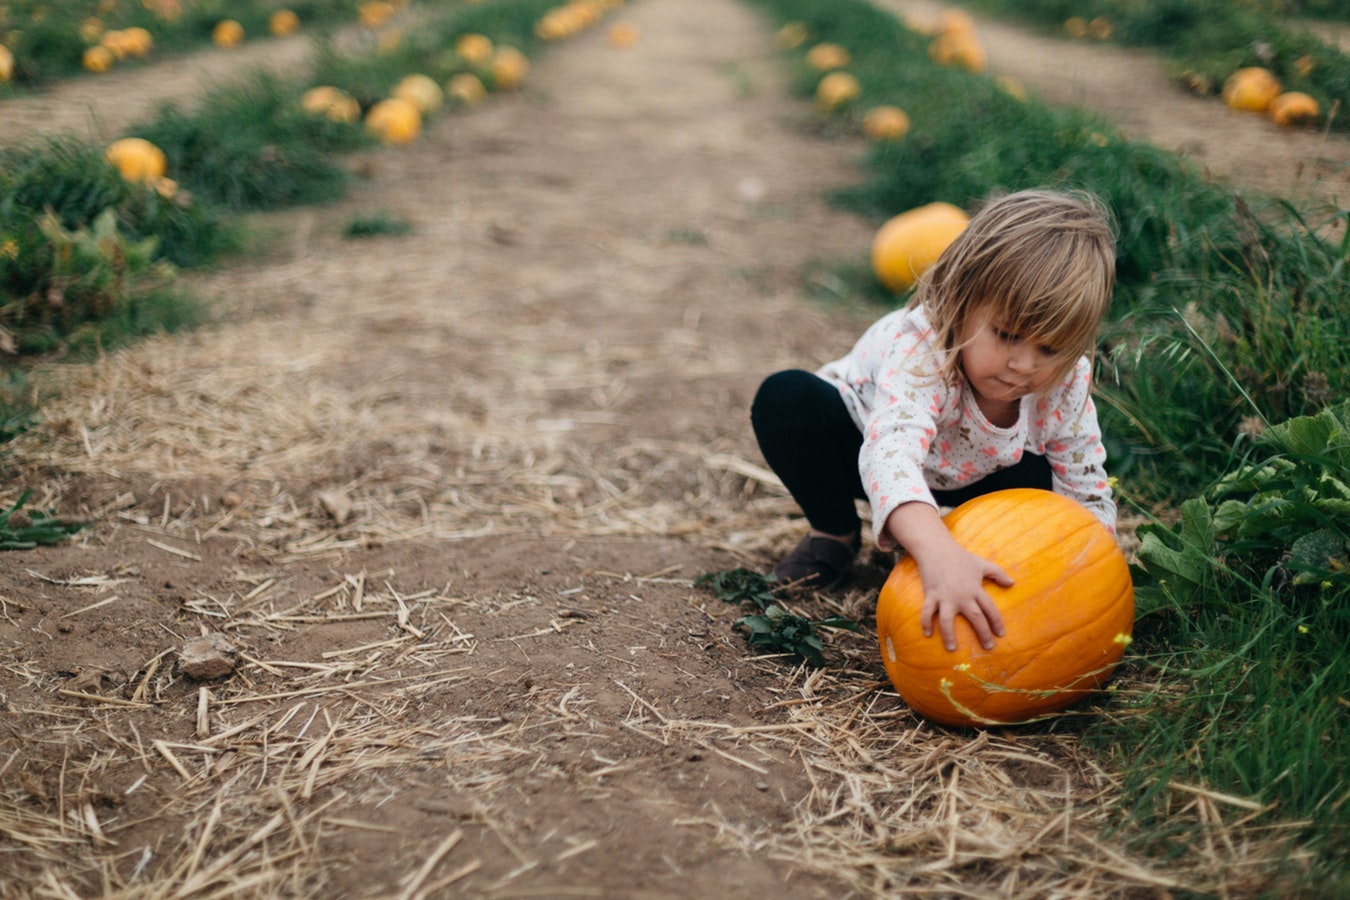 Filastrocche in rima per bambini sull'autunno [VIDEO]